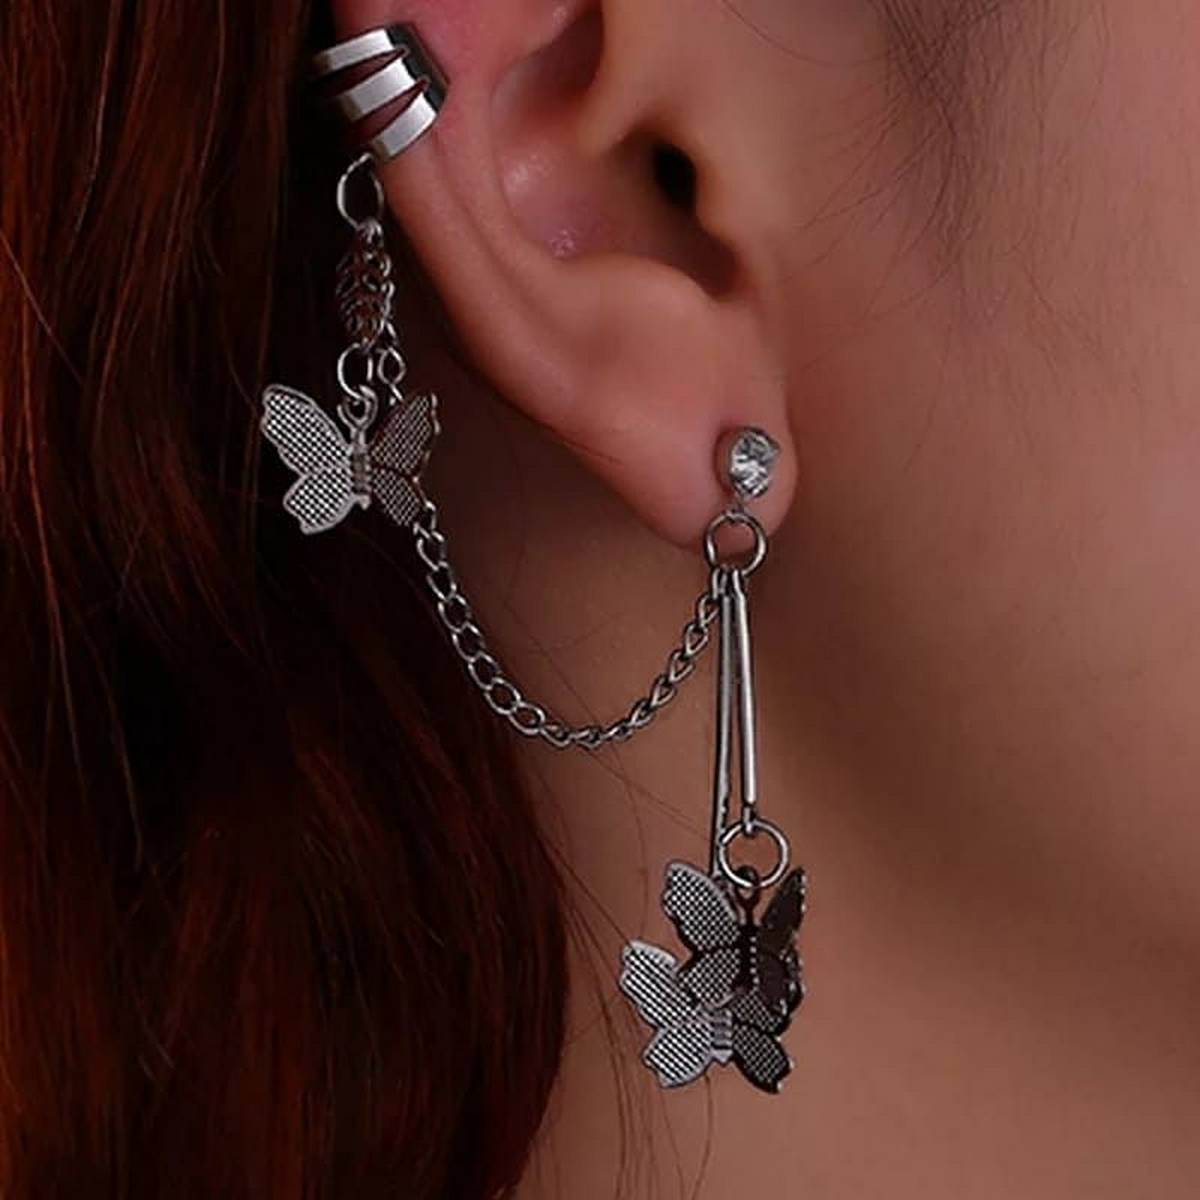 earcuff 1pcs right side  Fashion For Women Butterfly Ear Clips Women Girls Earrings Jewelry